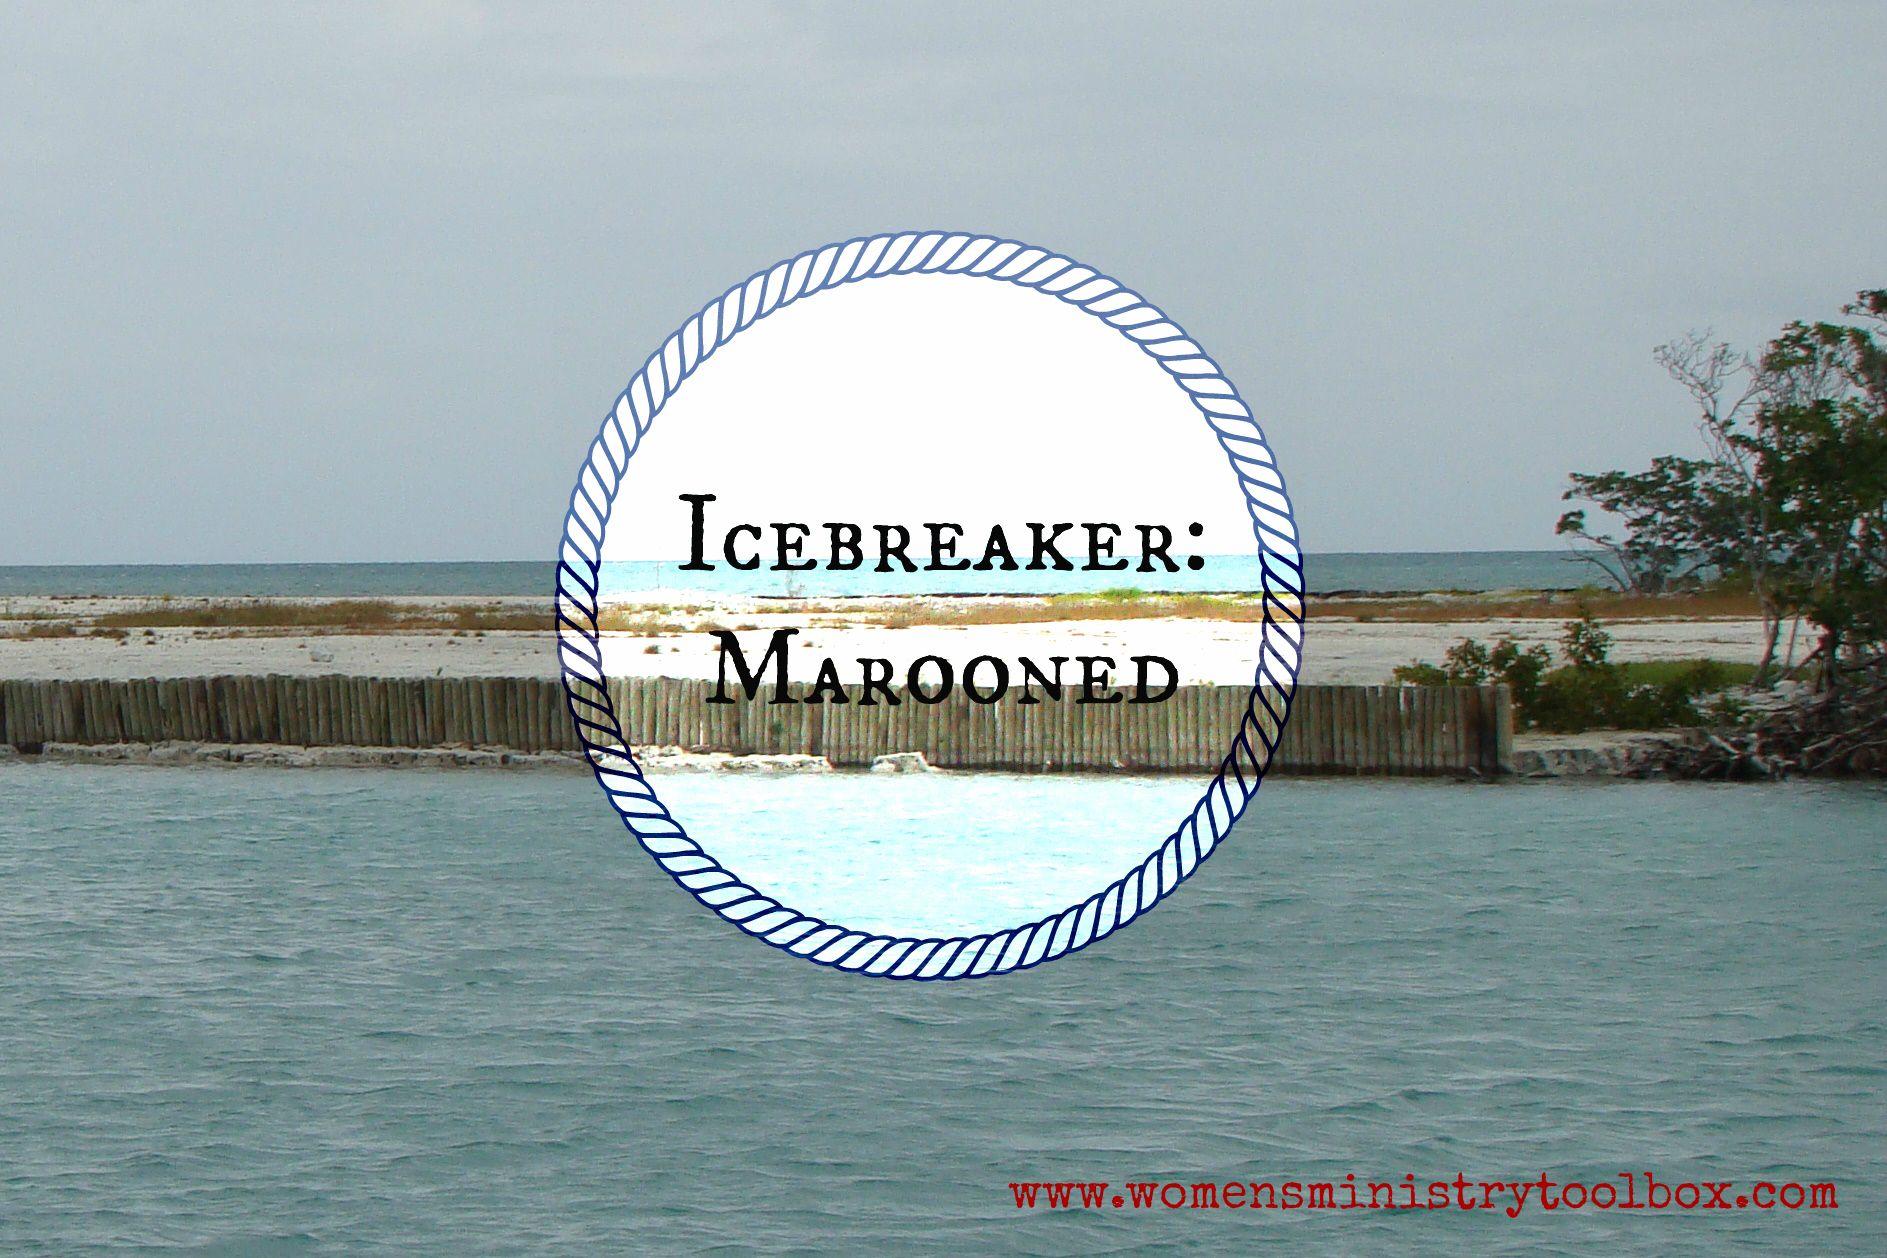 Icebreaker Marooned